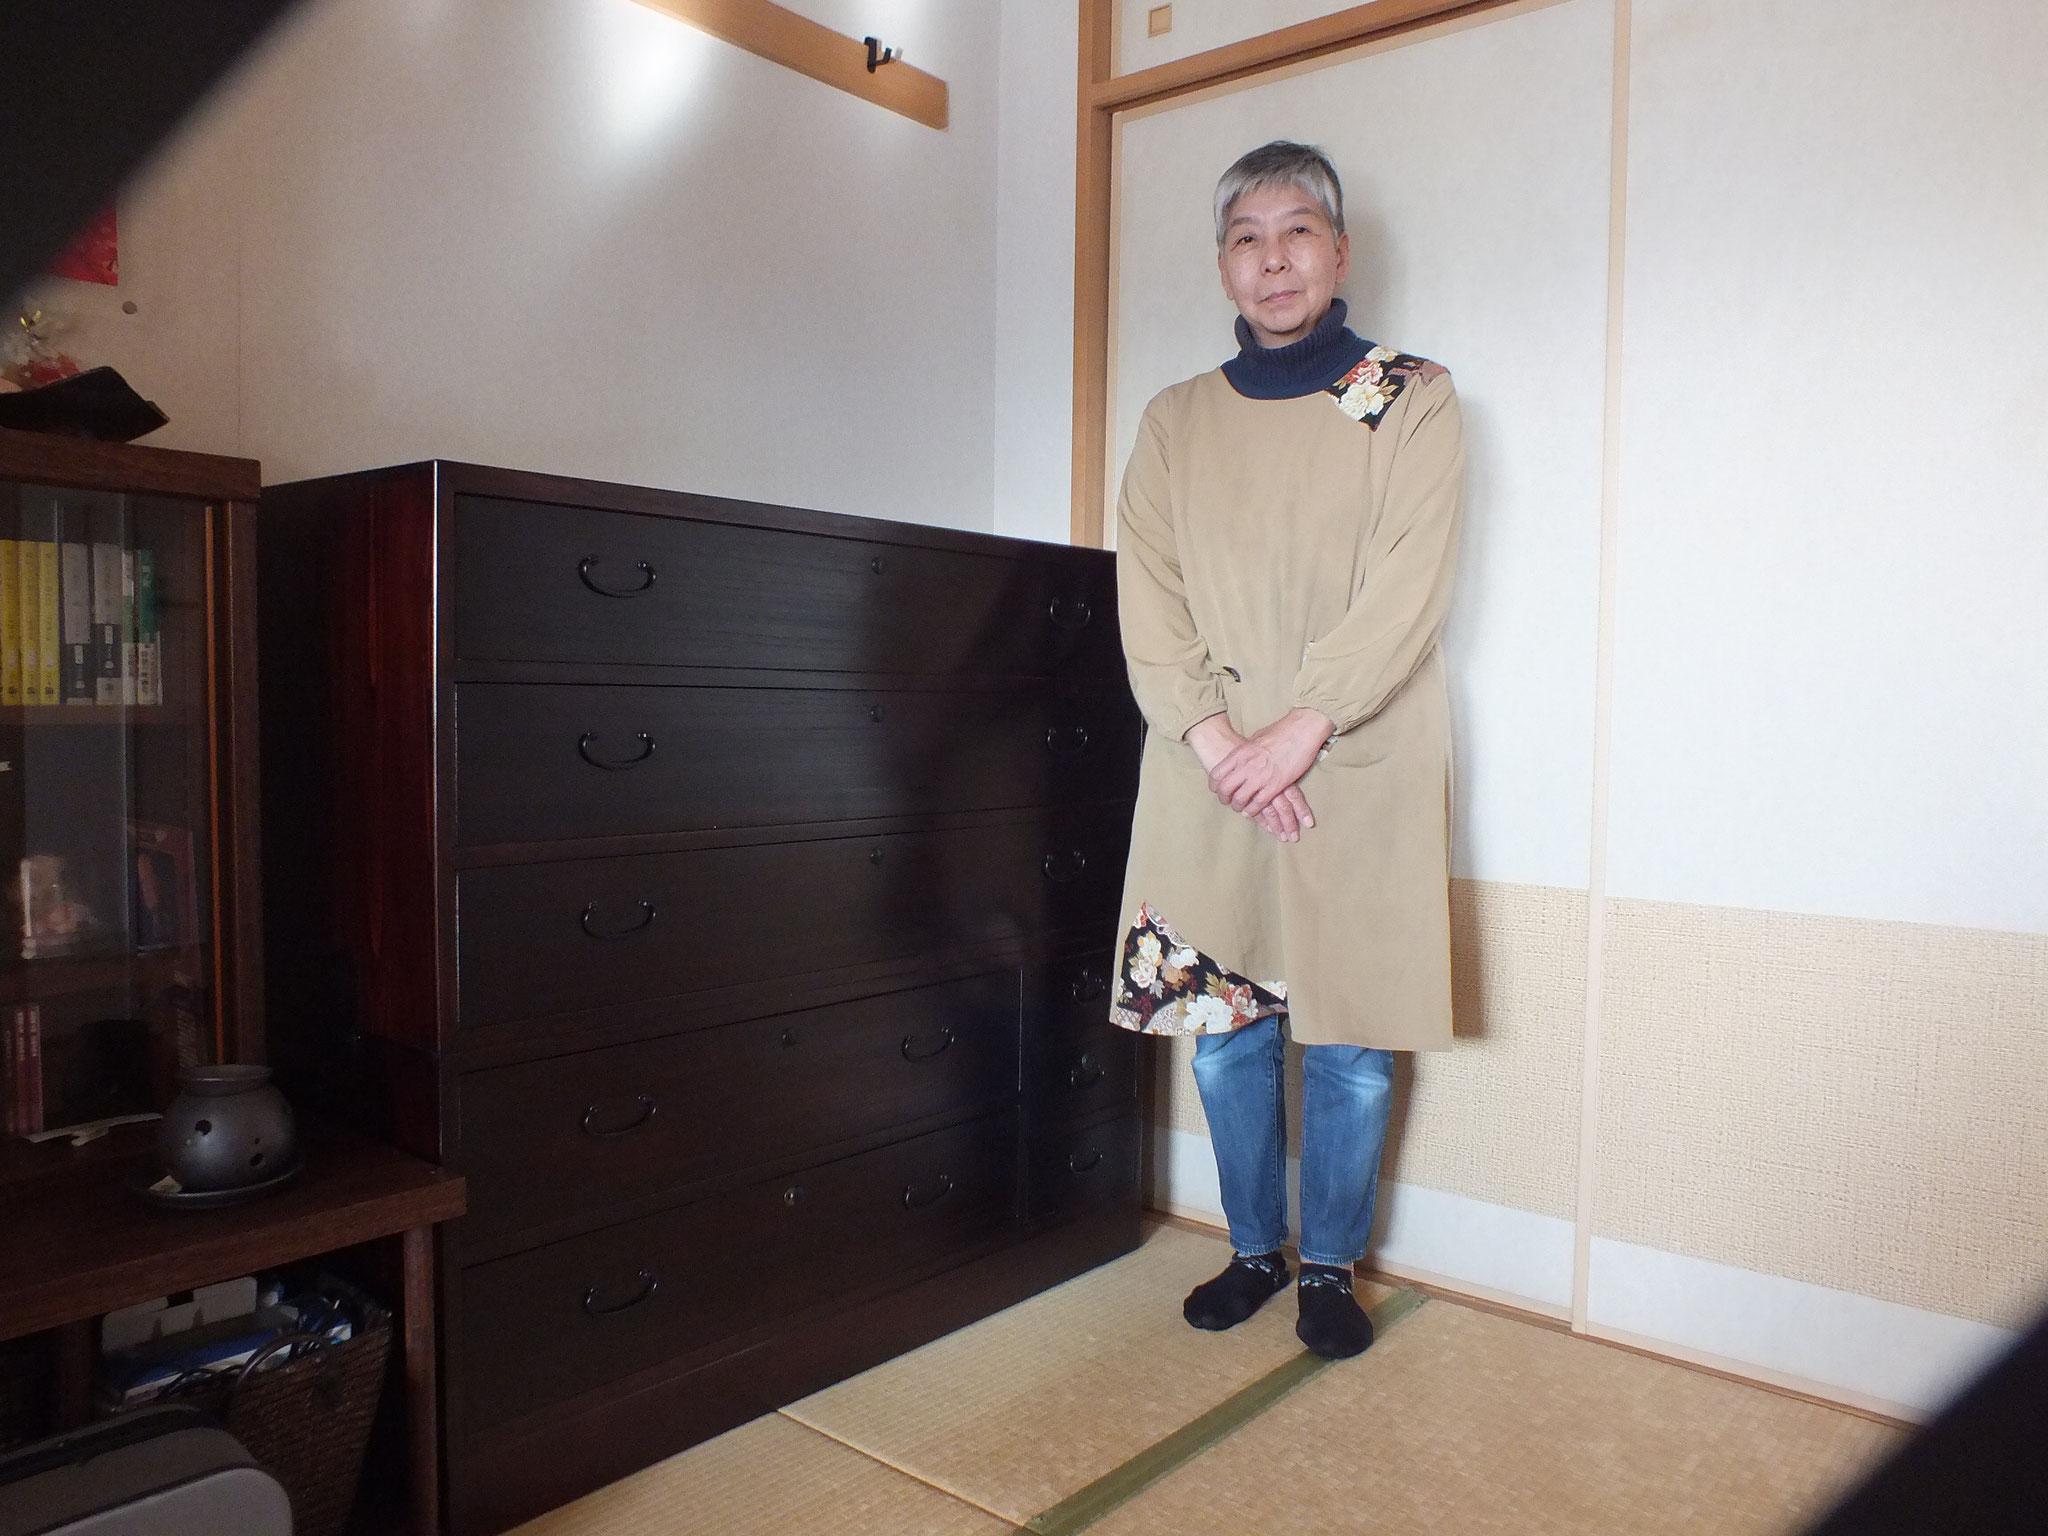 名古屋市より桐たんすのリフォーム依頼を受け納品してきました。